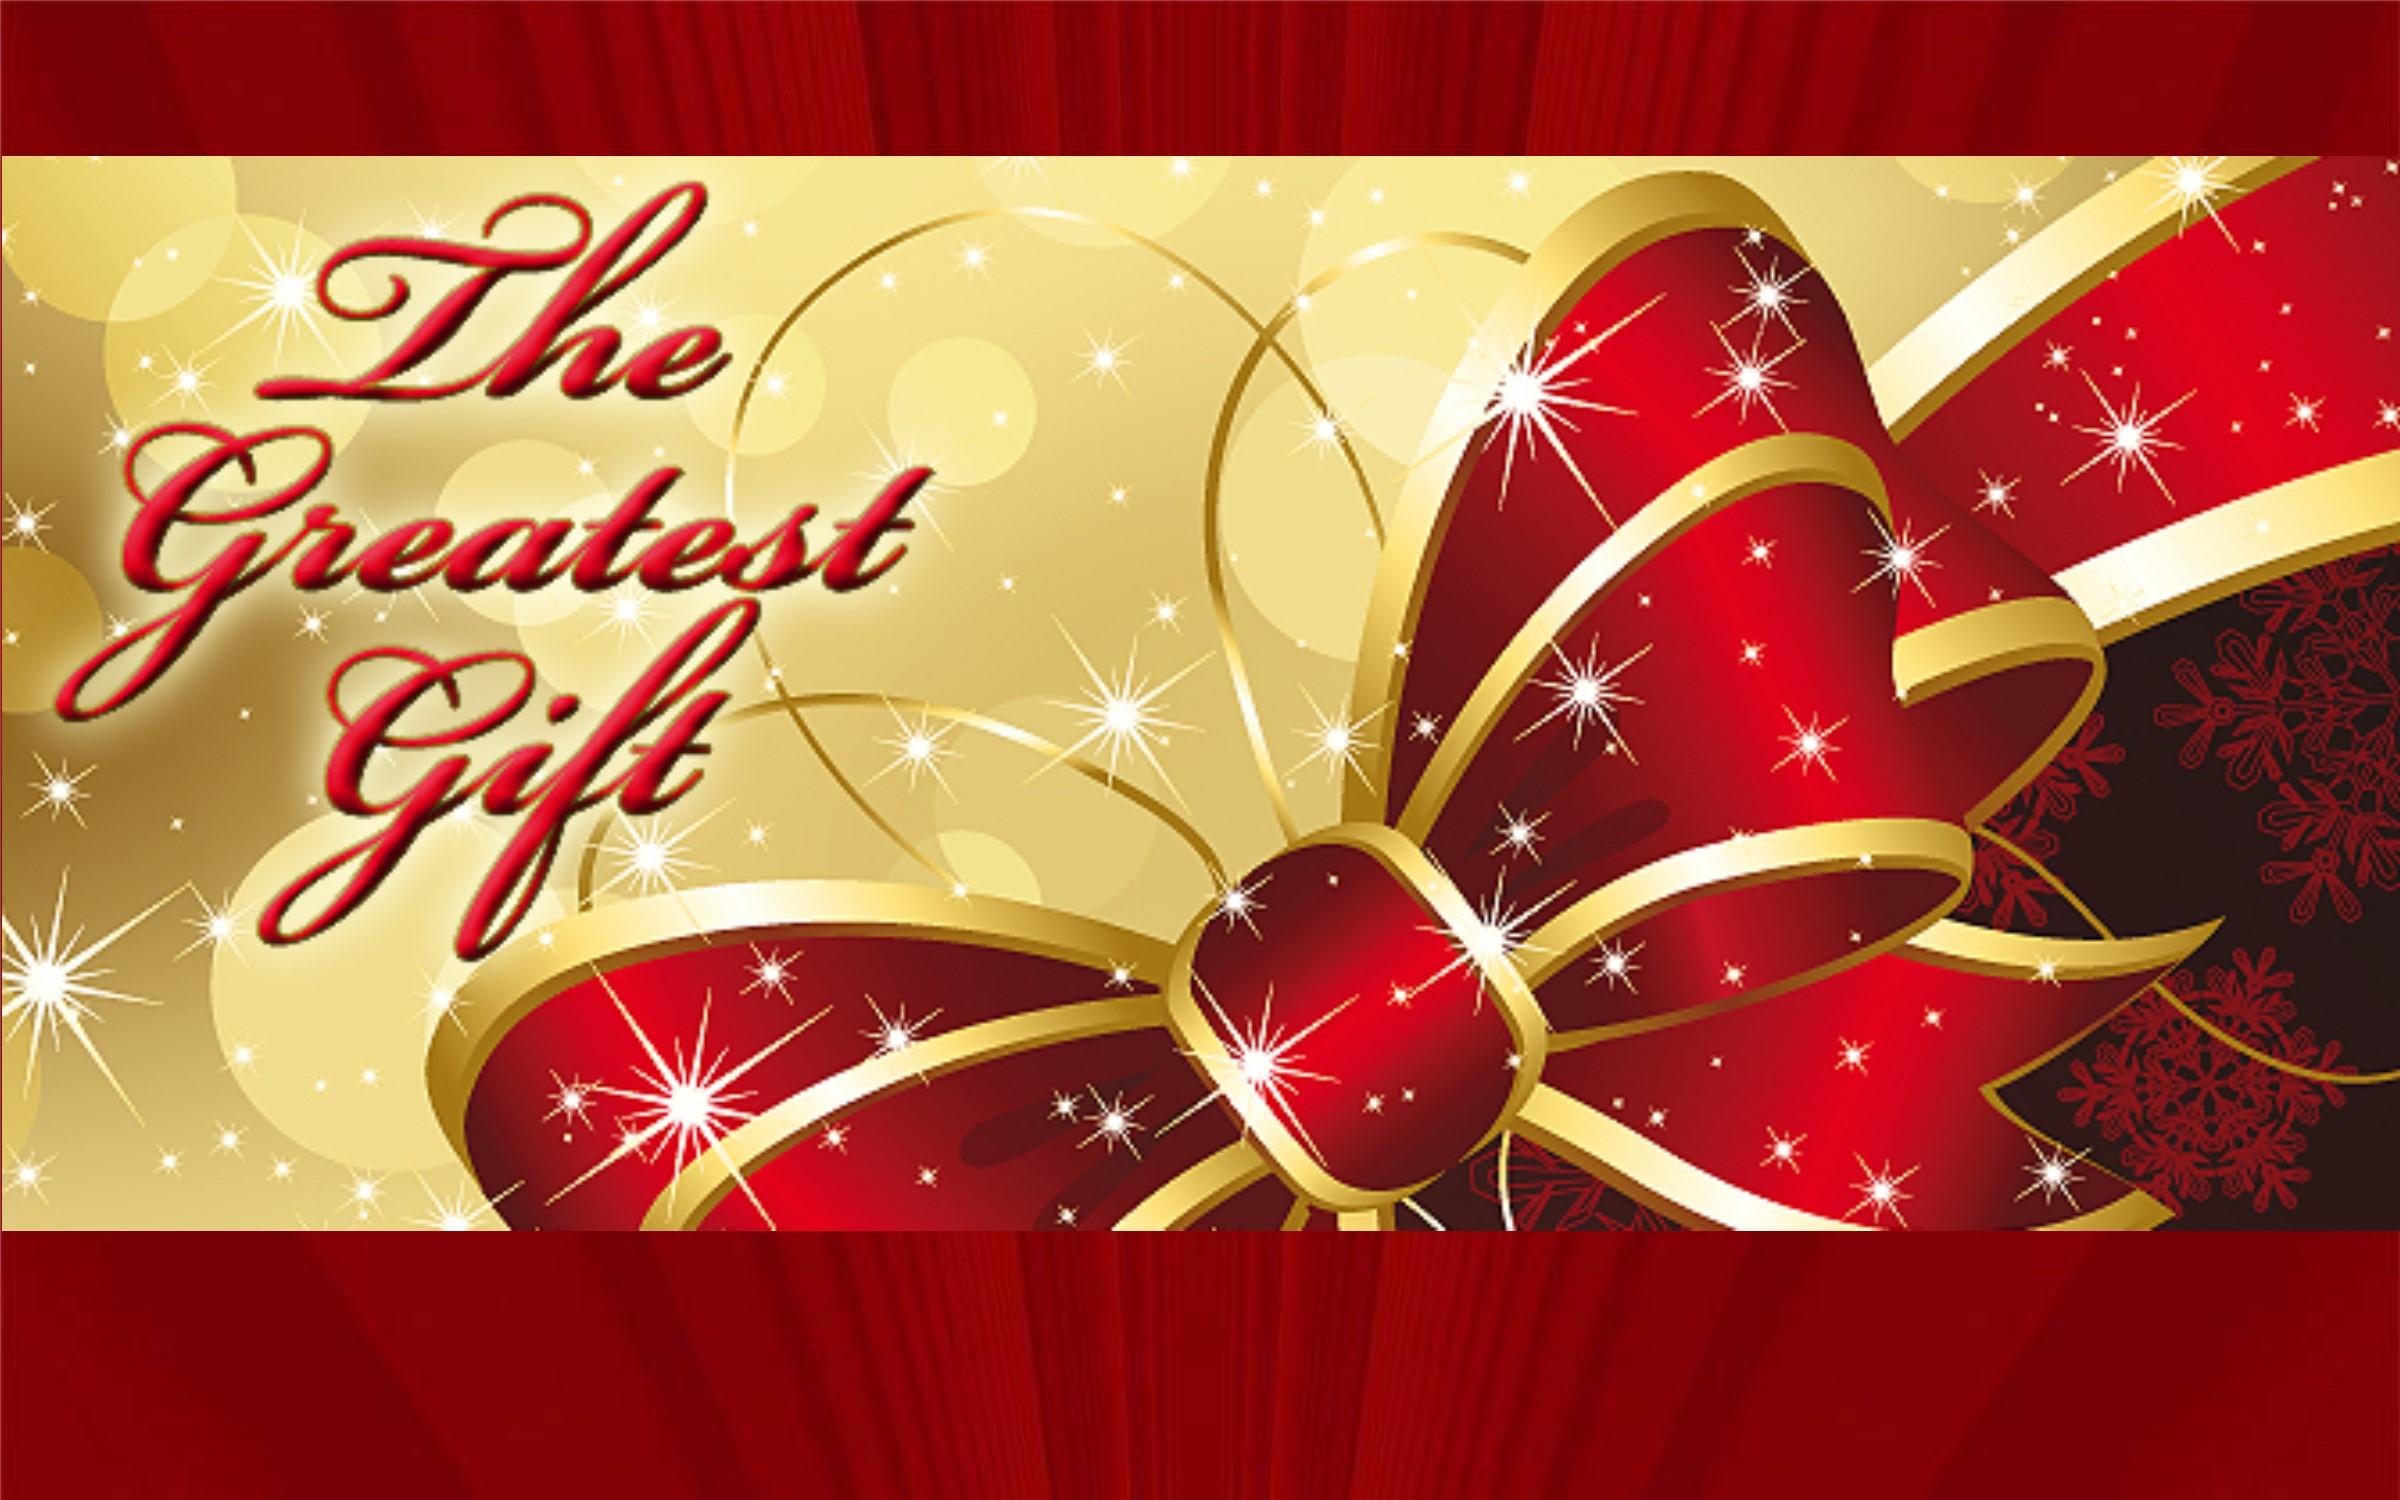 Jesus gift of christmas